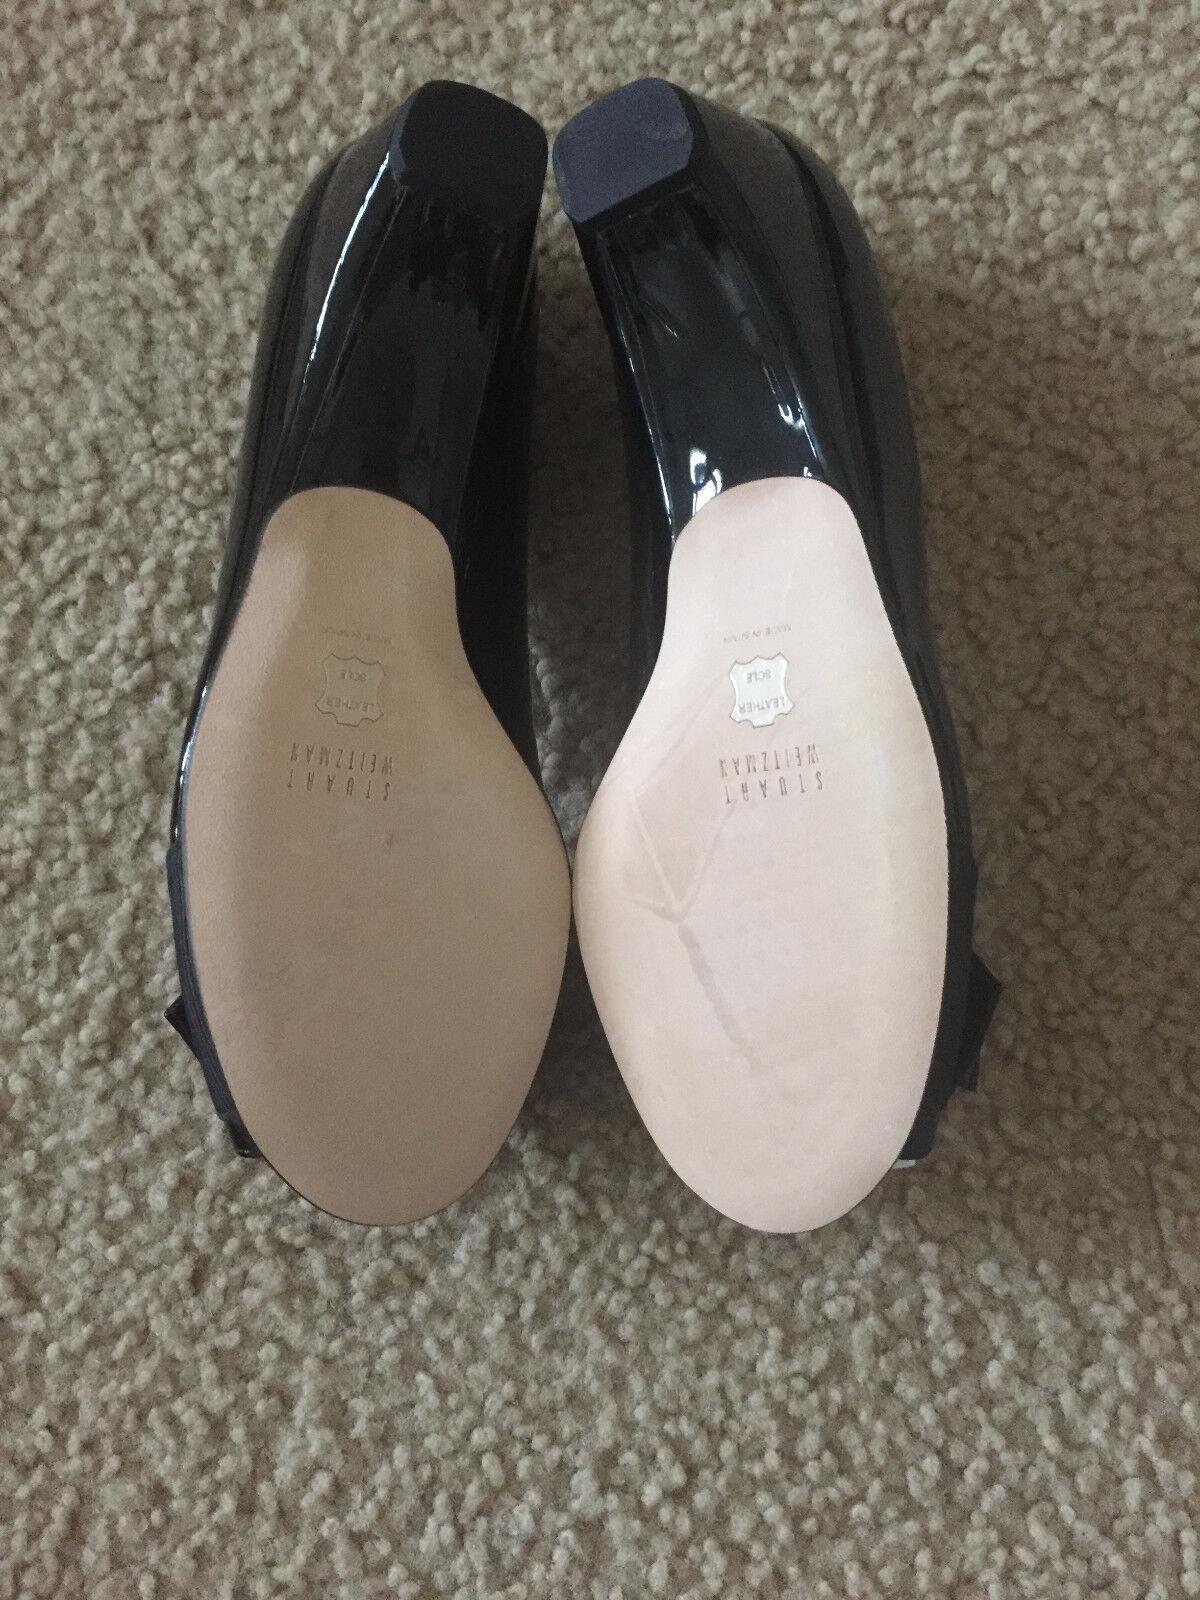 NIB Stuart pump Weitzman Lovebow peep toe pump Stuart 5 5.5 6 6.5 7 7.5 8 schwarz patent Bow ec424d